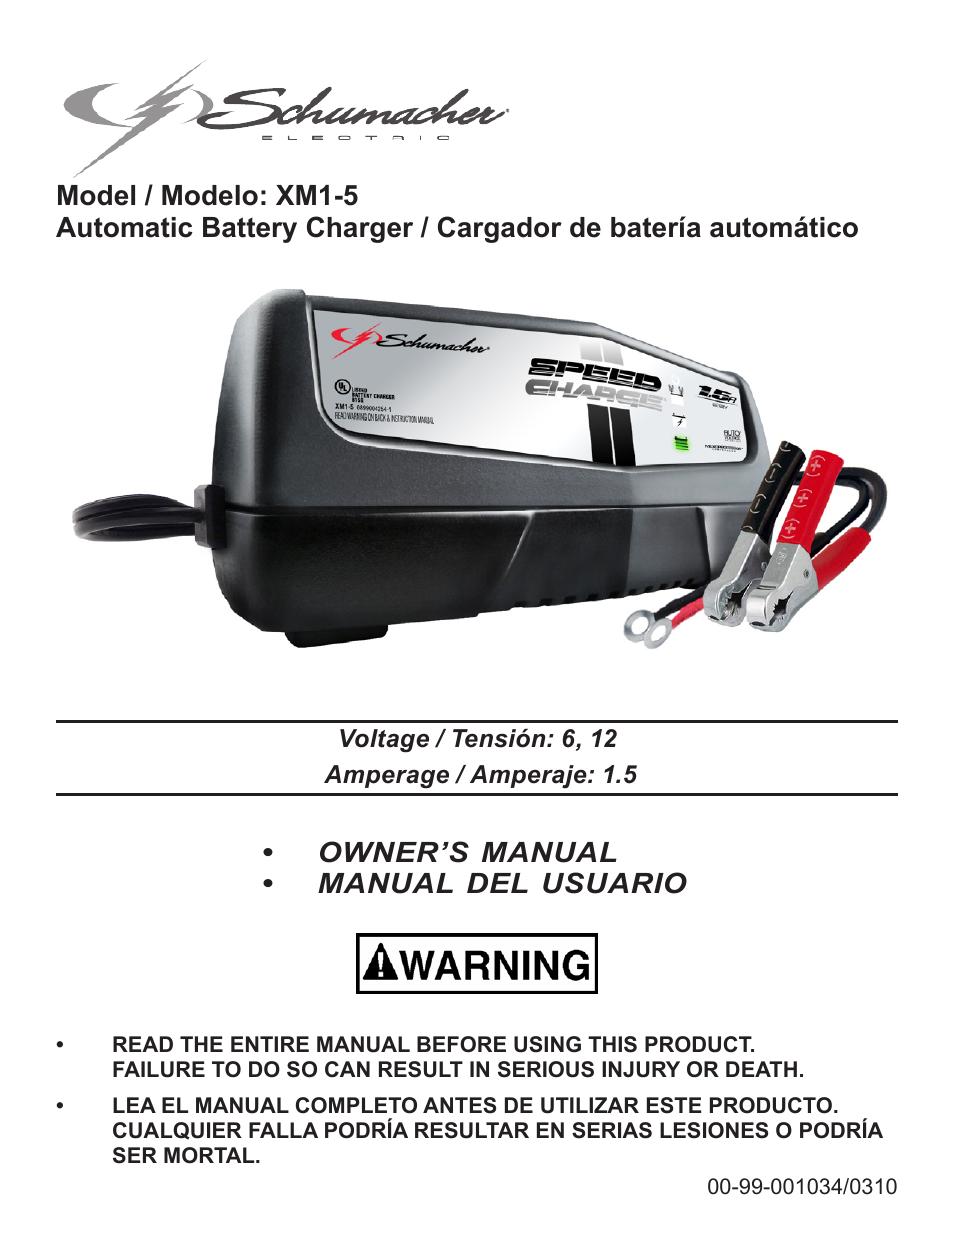 schumacher xm1 5 user manual 34 pages original mode rh manualsdir com Schumacher Battery Charger Instruction Manual Schumacher SpeedCharge Charger Manual